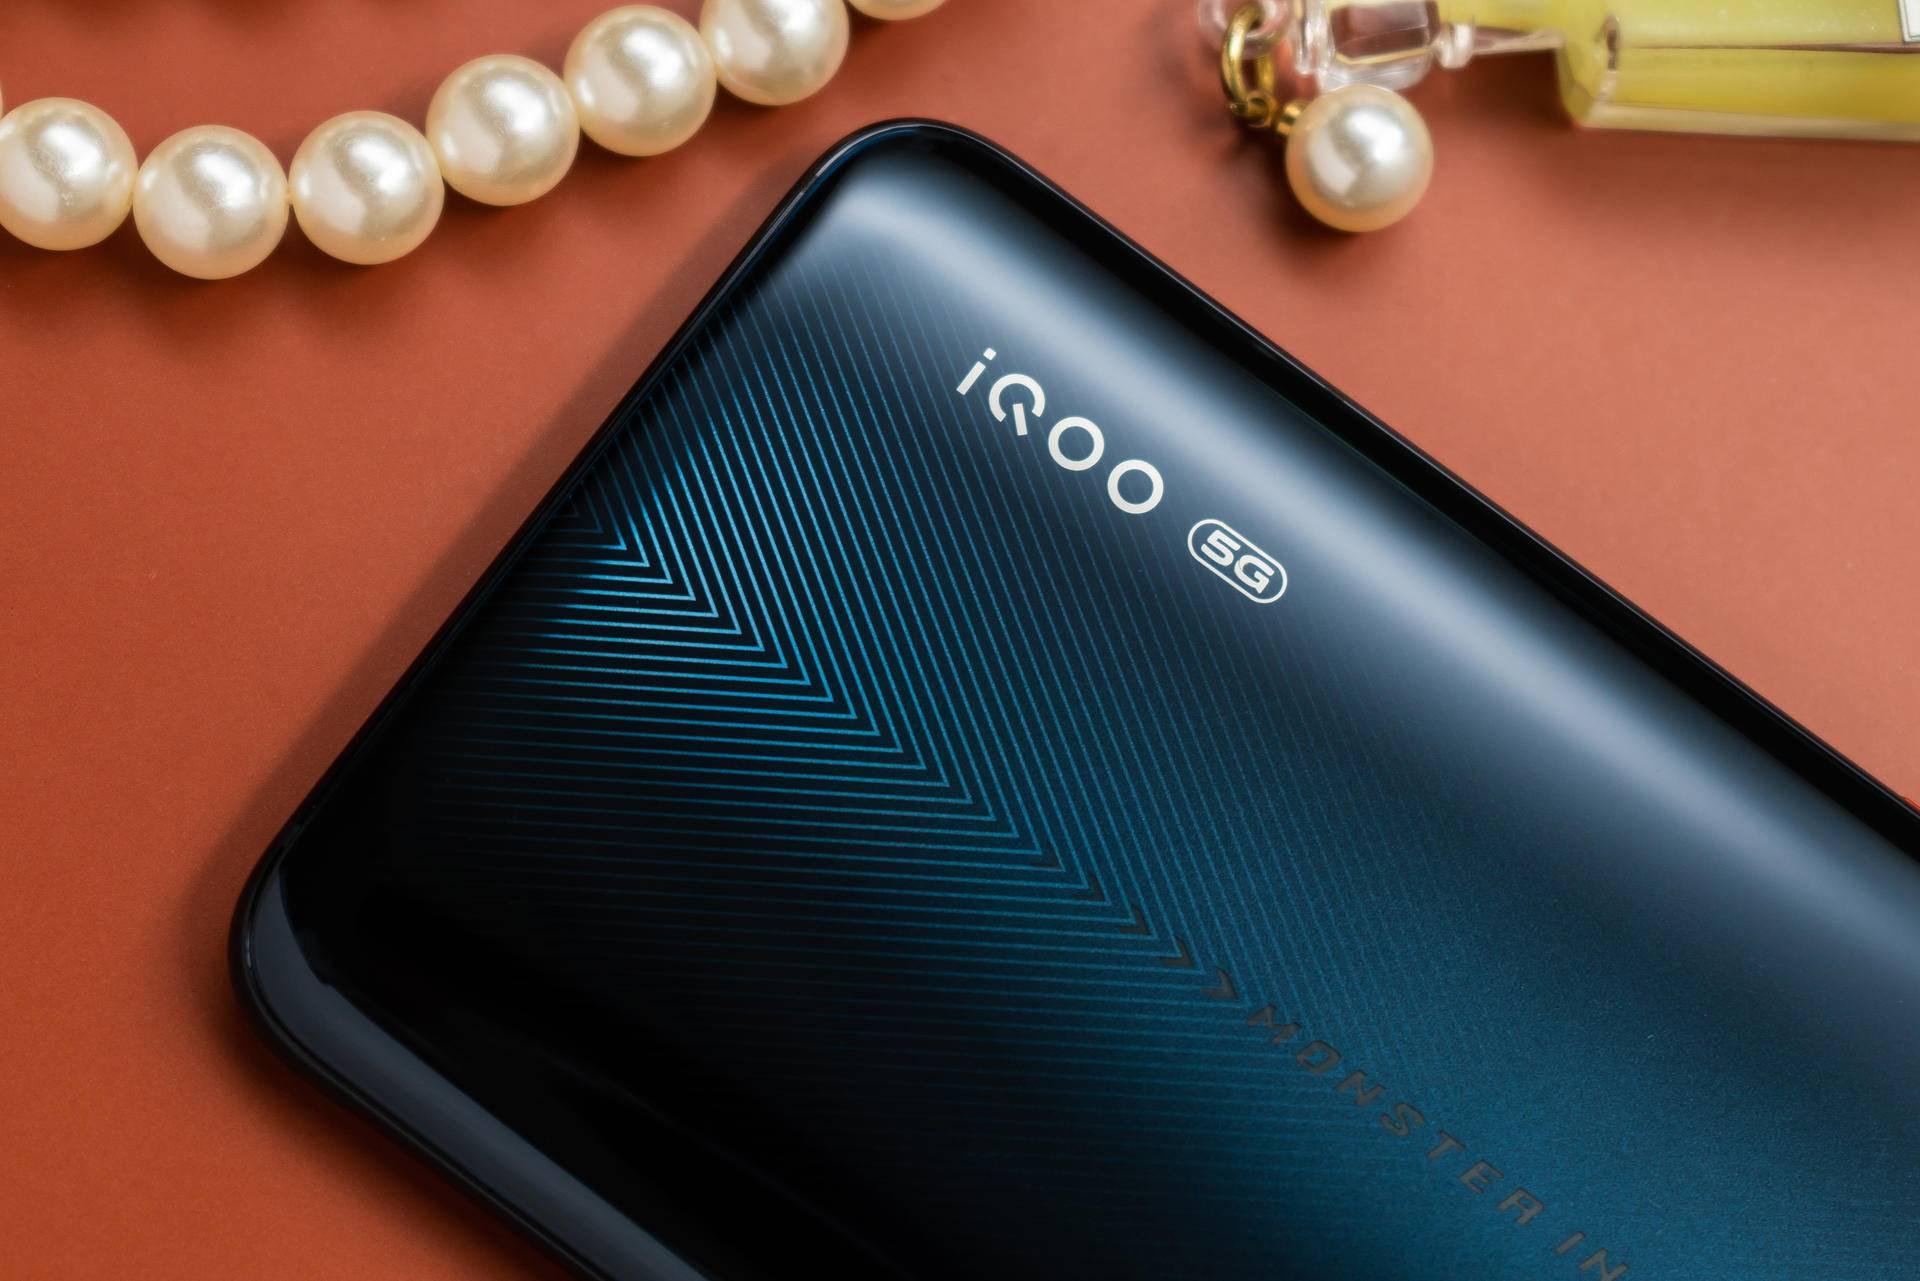 深邃与炫酷并存的配色iQOO Pro 5G版让你一秒穿越赛车场